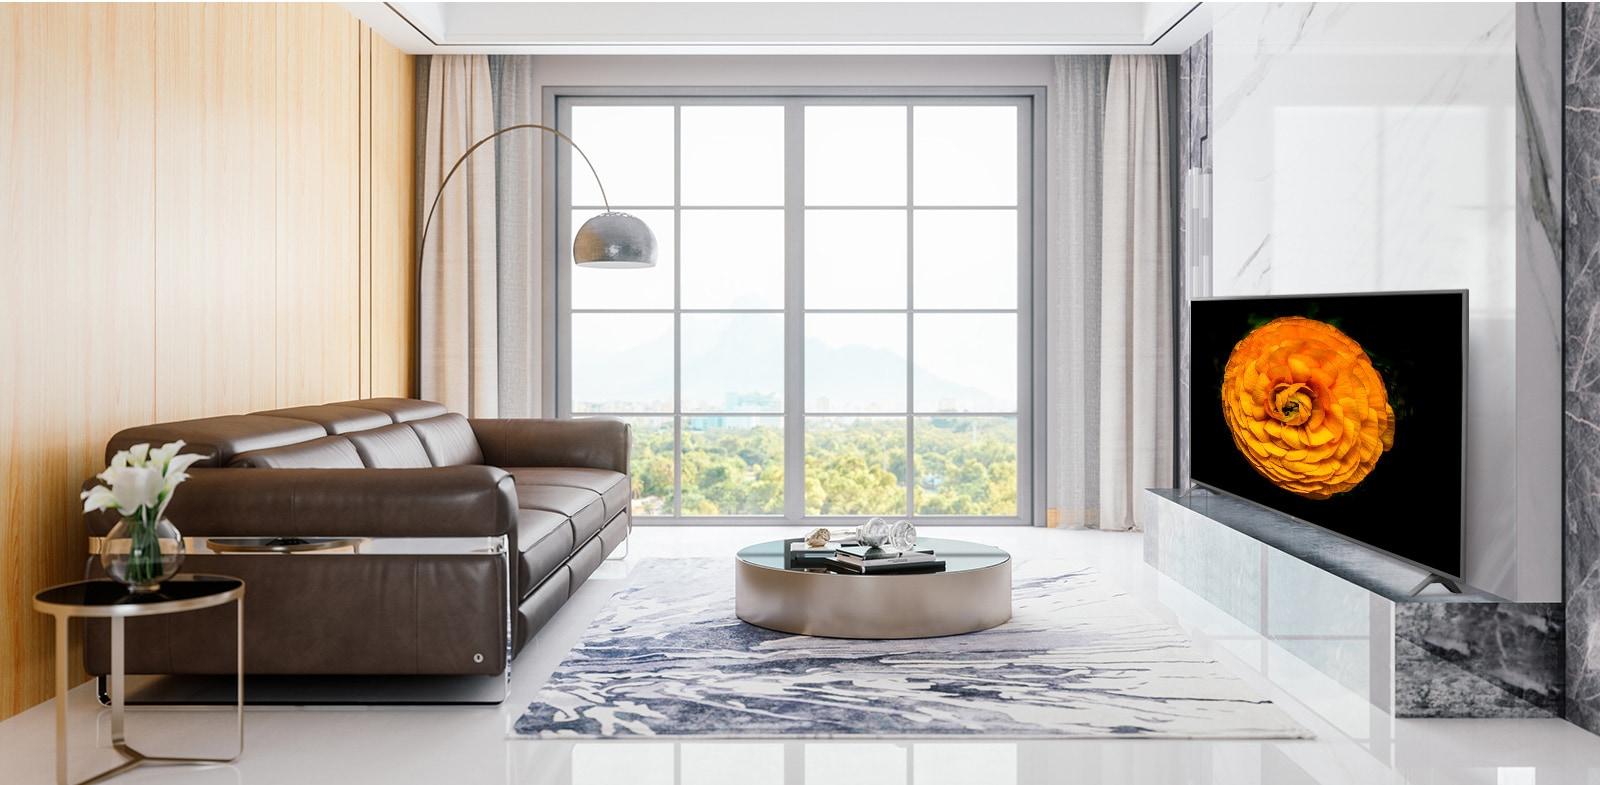 Телевизор LG UHD на стене в гостиной с минималистичным интерьером. На экране телевизора показано изображение цветка.